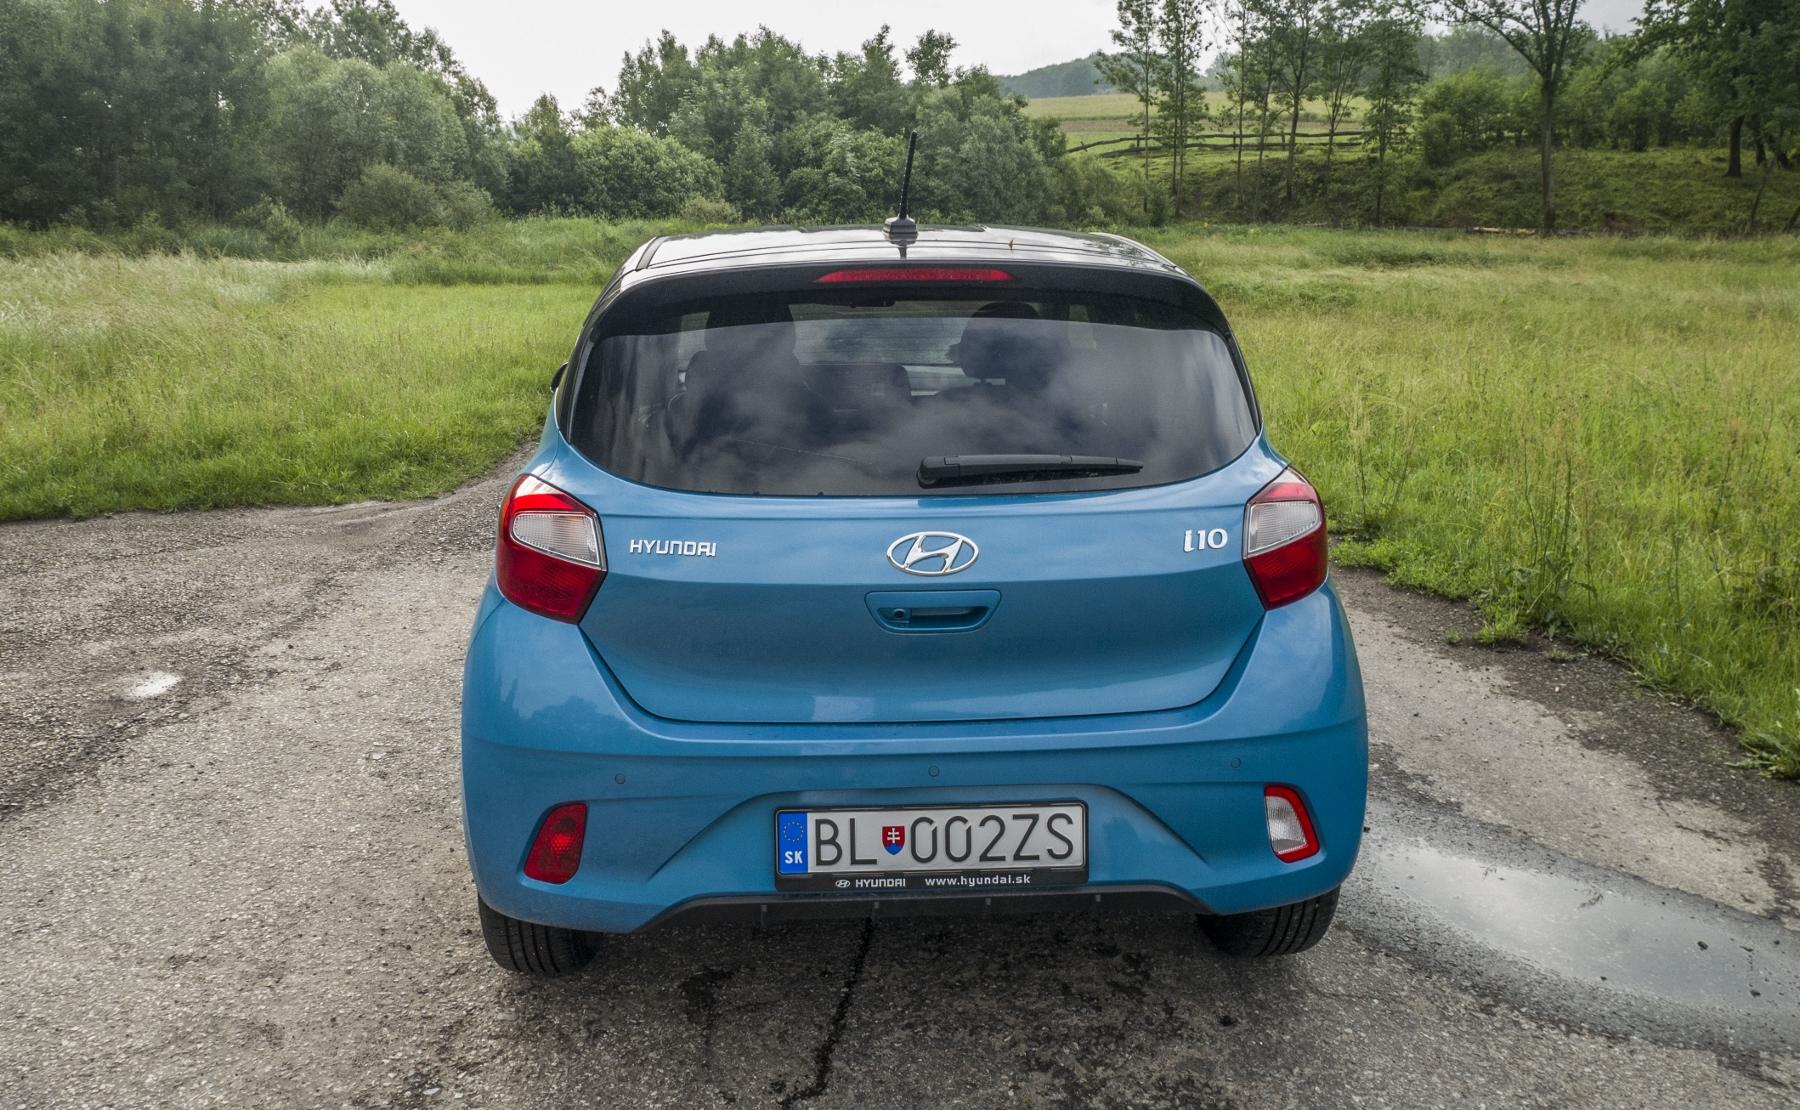 Test: Hyundai i10 je zameraný do mesta. Zo škatuľky vytŕča podvozkom i7fuBUgNEk hyundai-i10-11